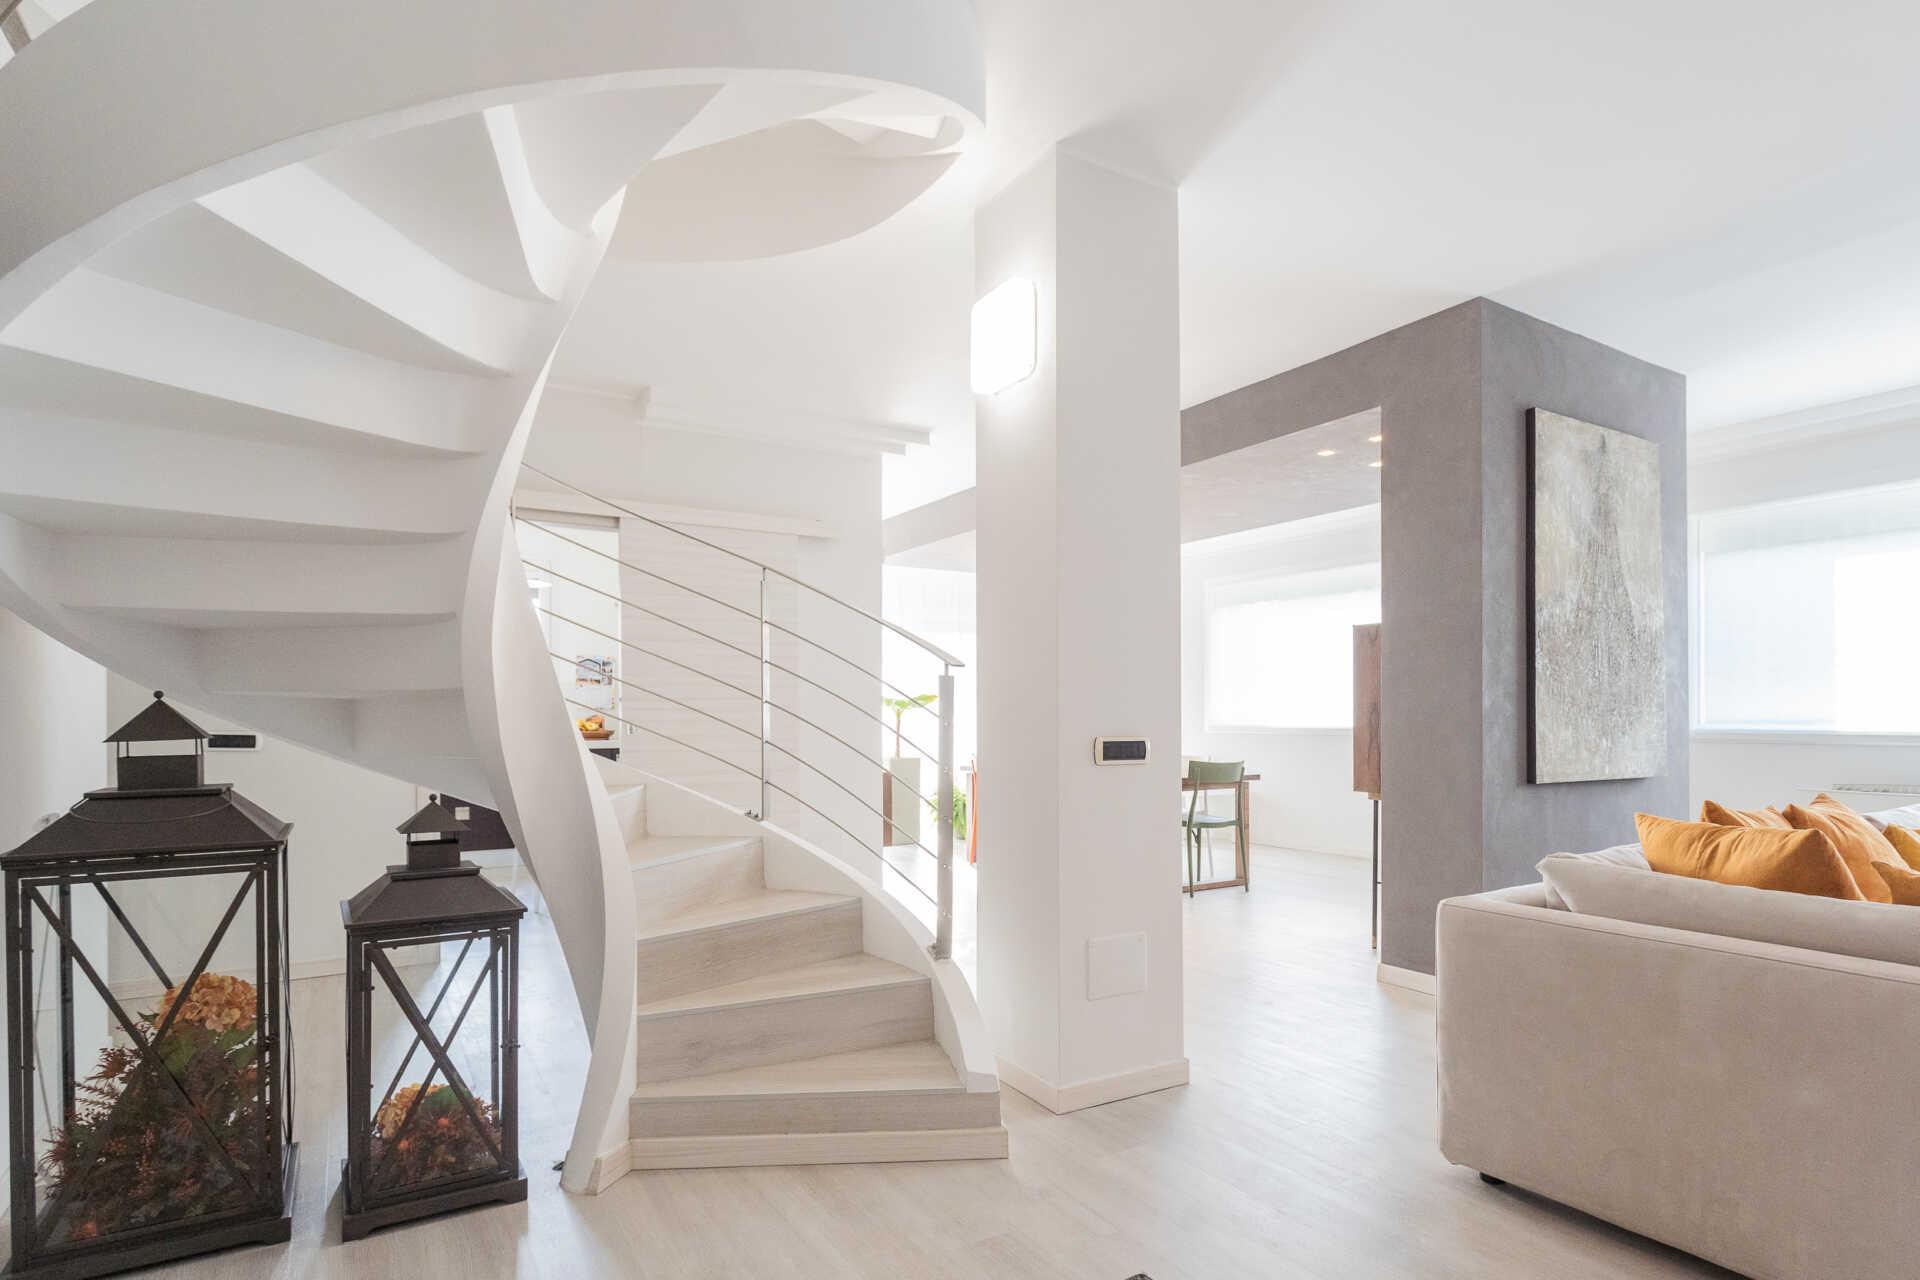 Incarico-di-vendita-villa-in-Brianza-agenzia-immobilire-casaestyle